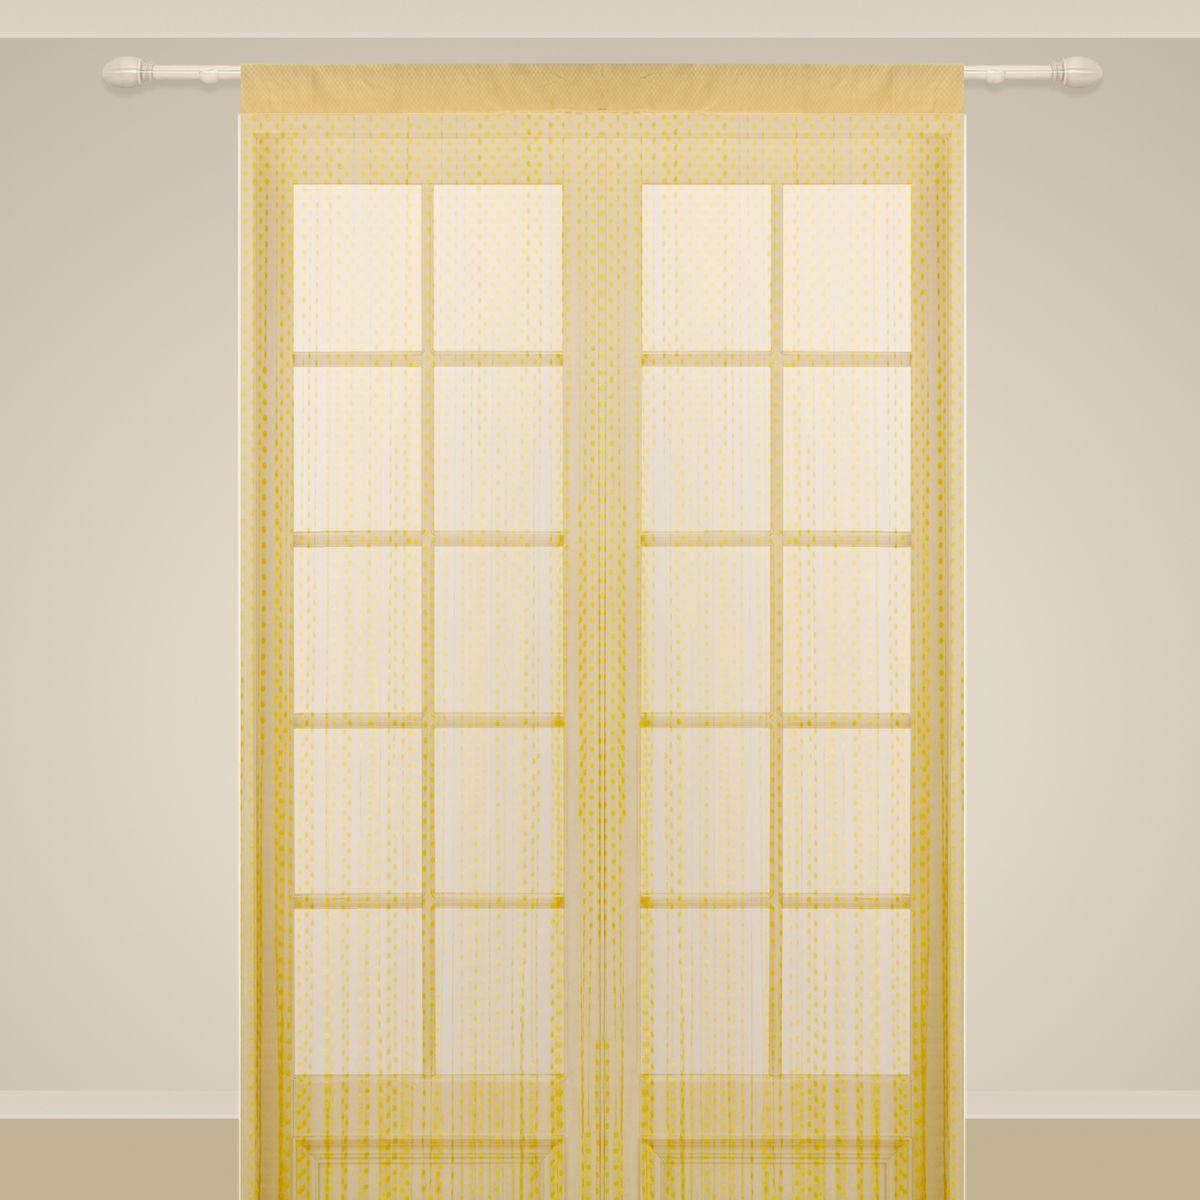 Штора нитяная Sanpa Home Collection, на ленте, цвет: золотистый, высота 290 смSP 102/GOLD, , 150*290 смШтора нитяная Sanpa Home Collection, выполненная из текстиля, подходит как для зонирования пространства, так и для декорации окна, как самостоятельное решение или дополнение к шторам. Такая штора великолепно дополнит интерьер вашего дома и станет отличным дизайнерским решением.